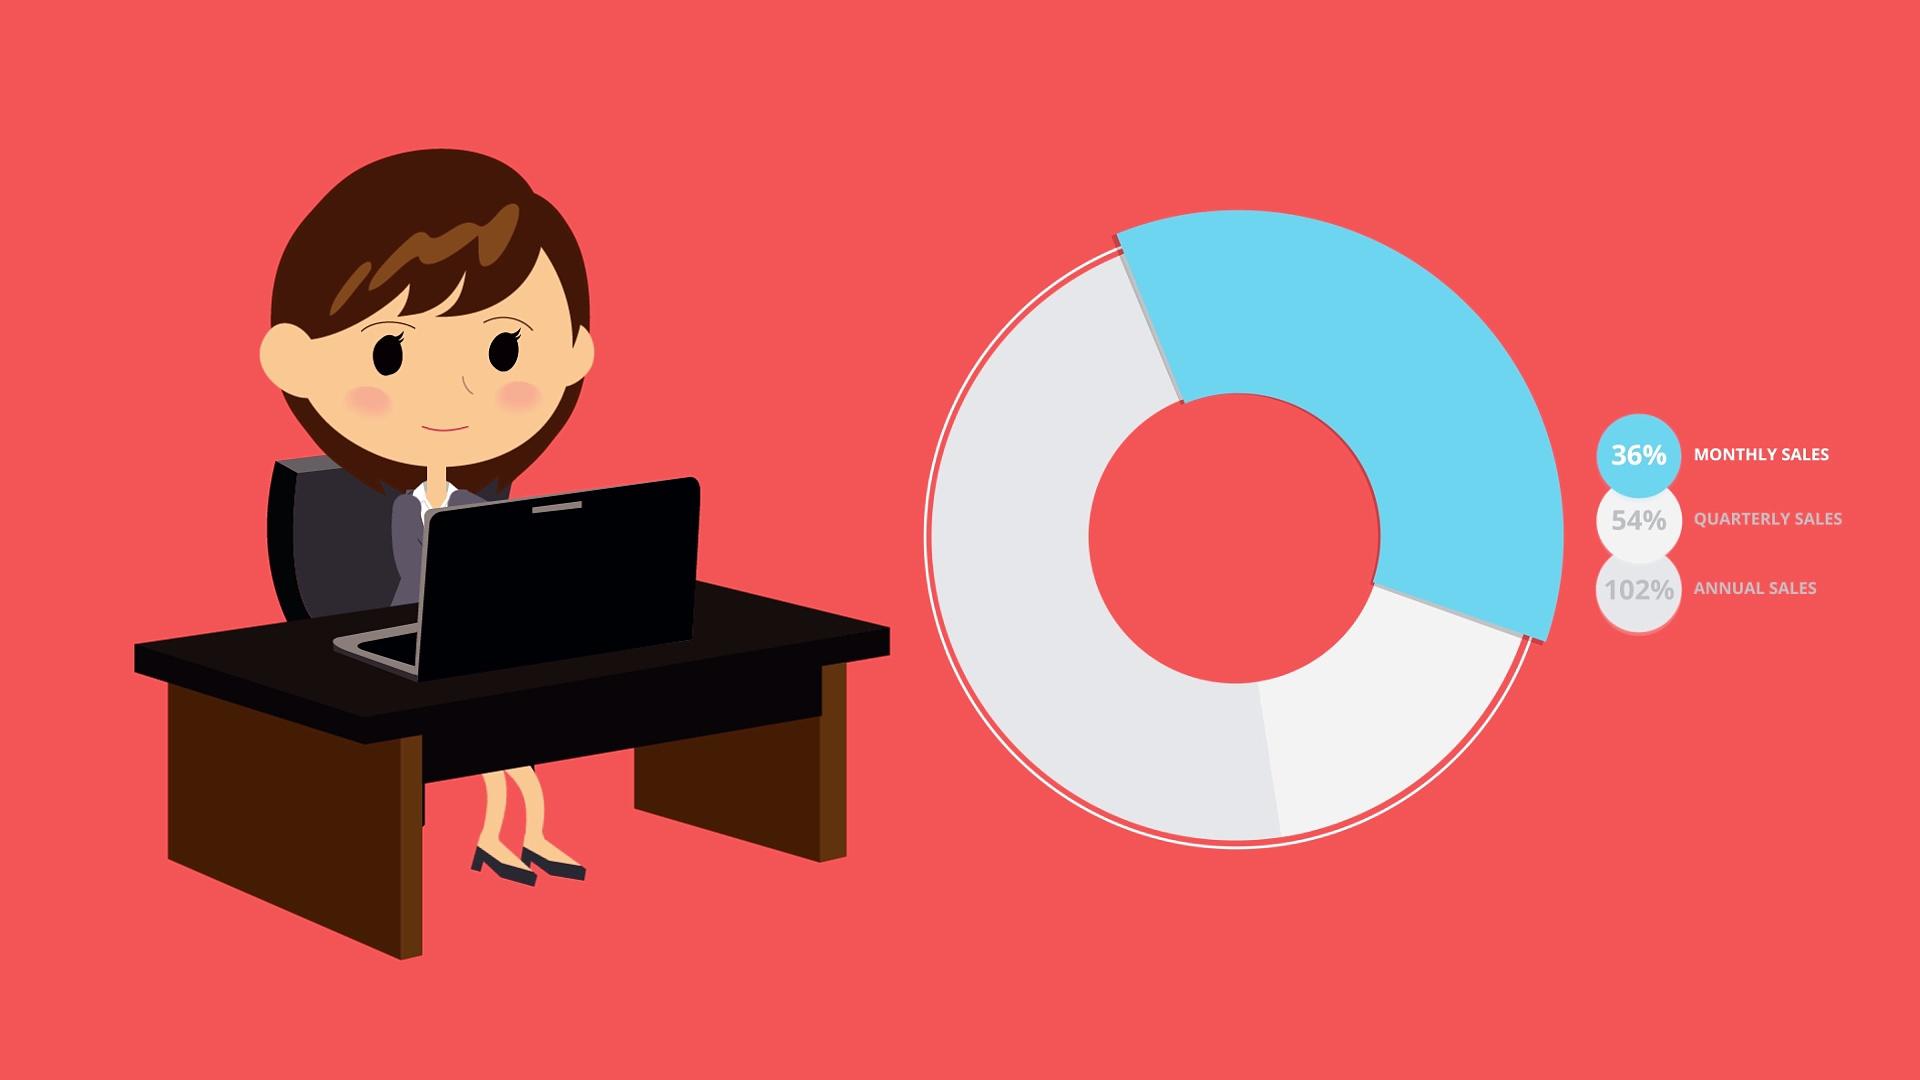 Bowie Help Desk Services | (301) 429-8842